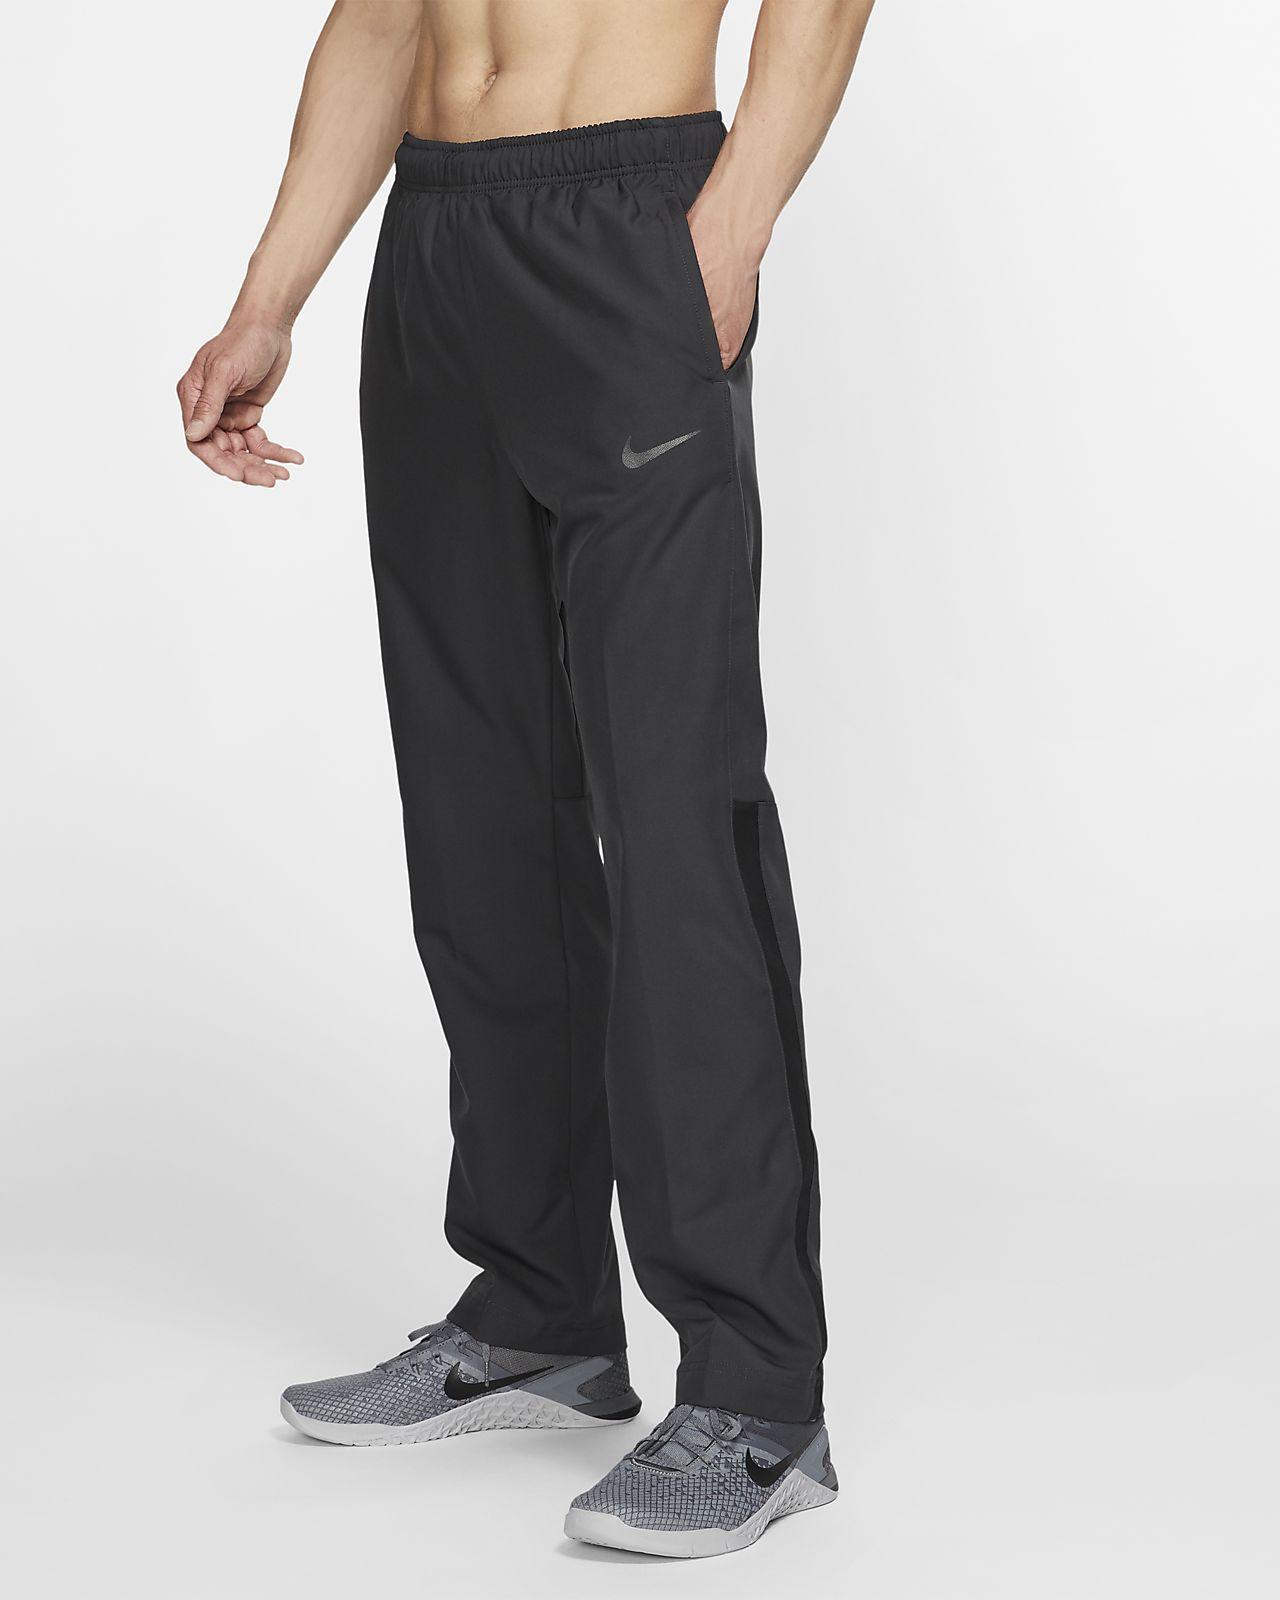 Pantalon de training tissé Nike Dri-FIT pour Homme